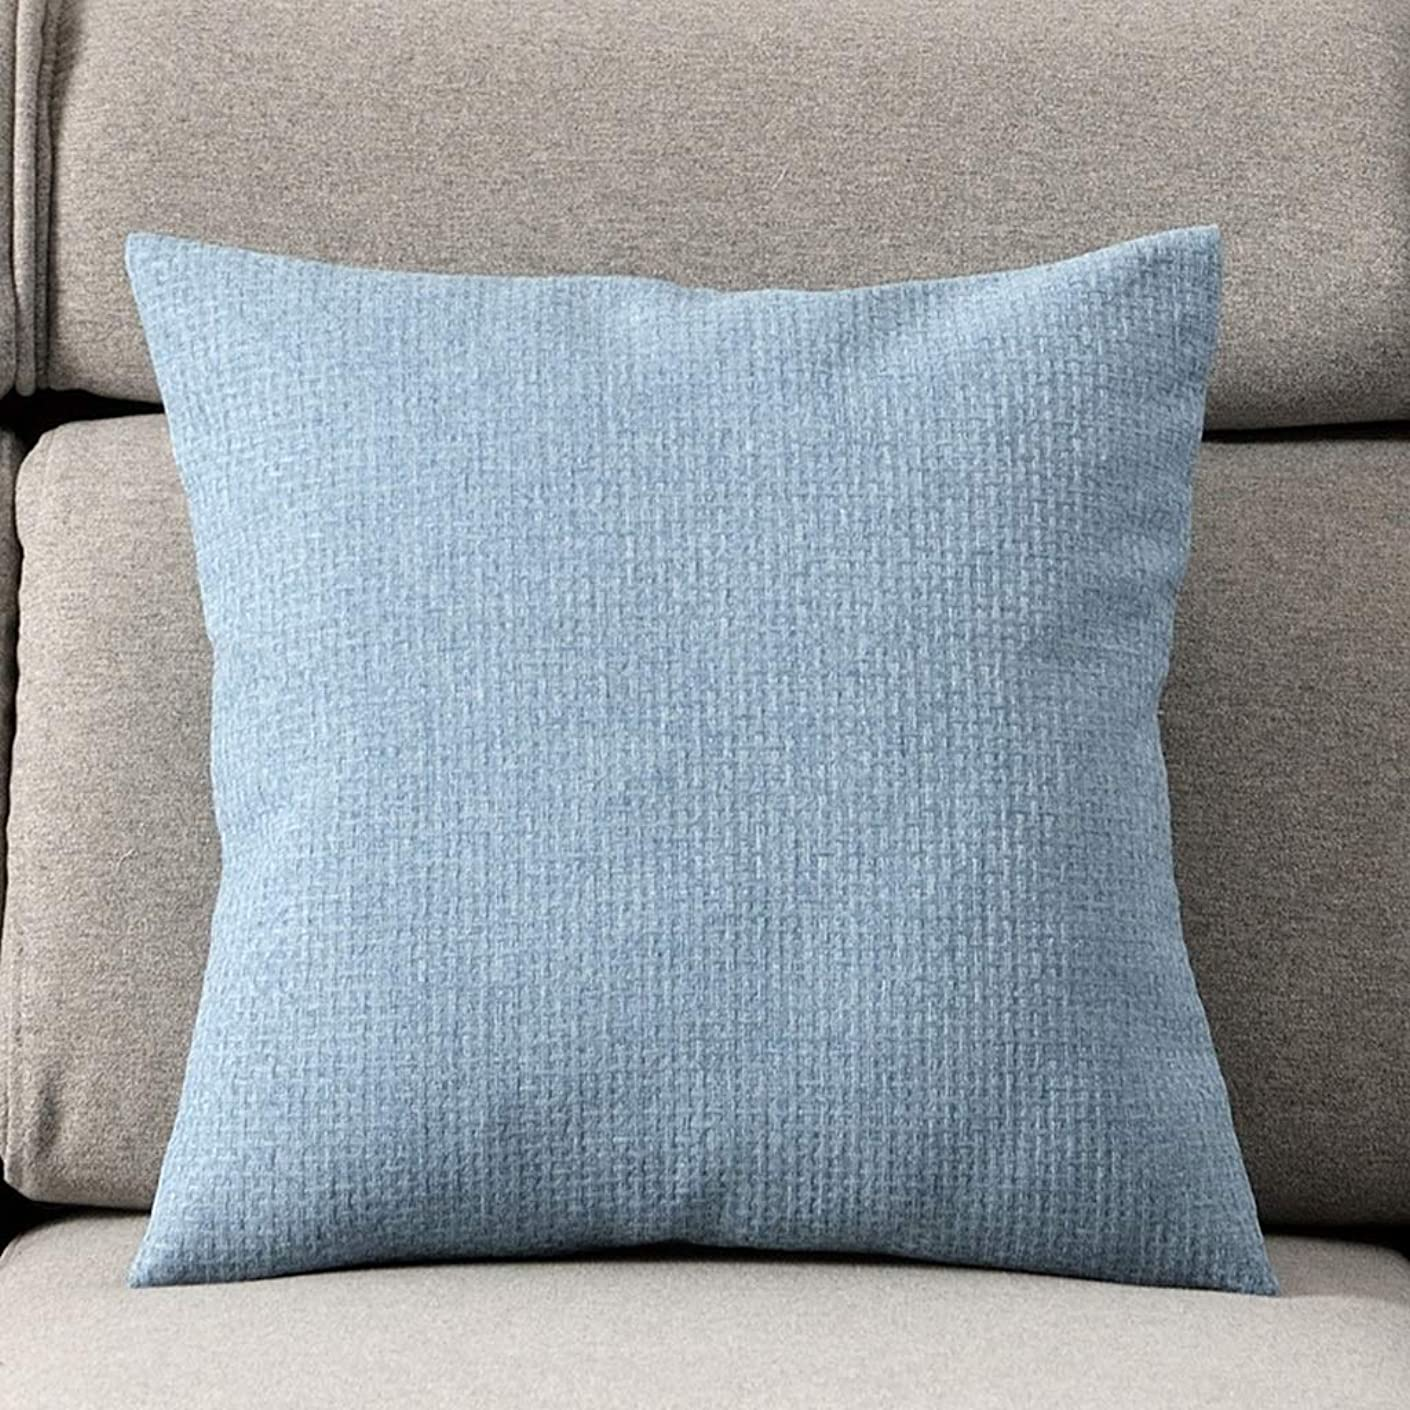 押すアーティファクト風邪をひく枕リネン枕リビングルームのソファクッションベッドヘッドレストチェア背もたれオフィス腰椎枕枕 JSFQ (Color : C, Size : 55cm*55cm)